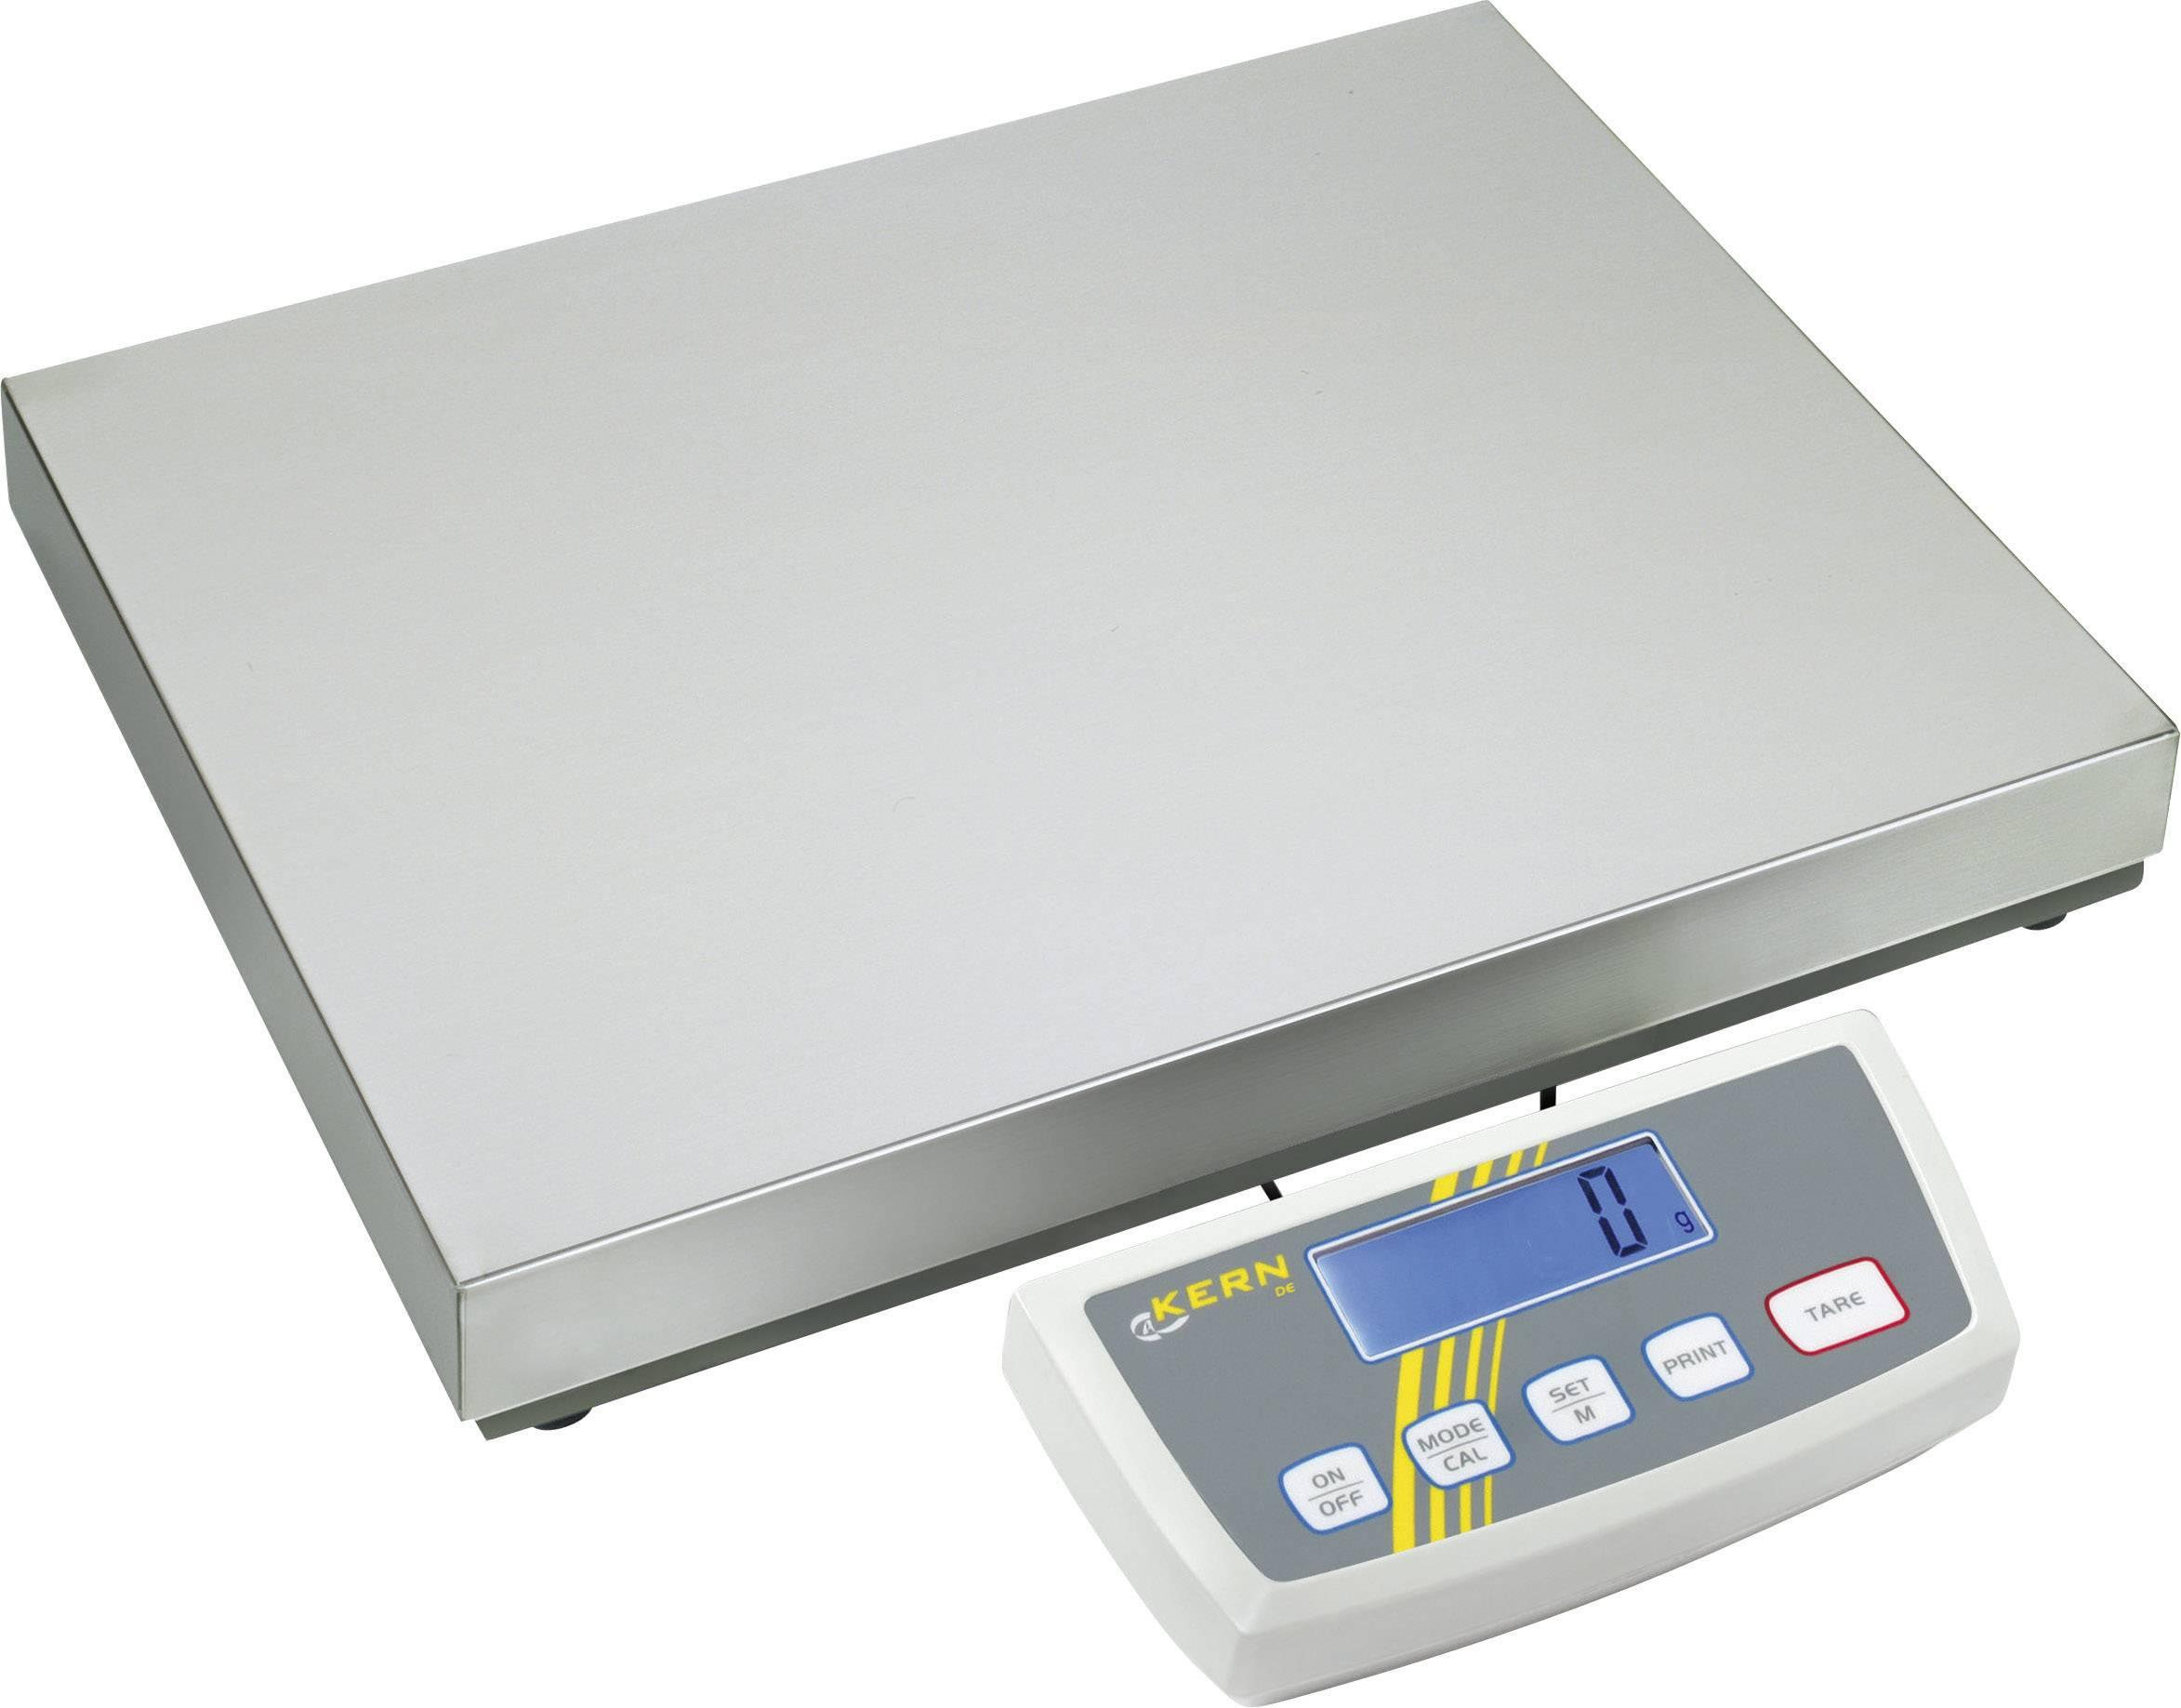 Plošinová váha Kern DE 150K20DL, presnosť 20 g, 50 g, max. váživosť 150 kg